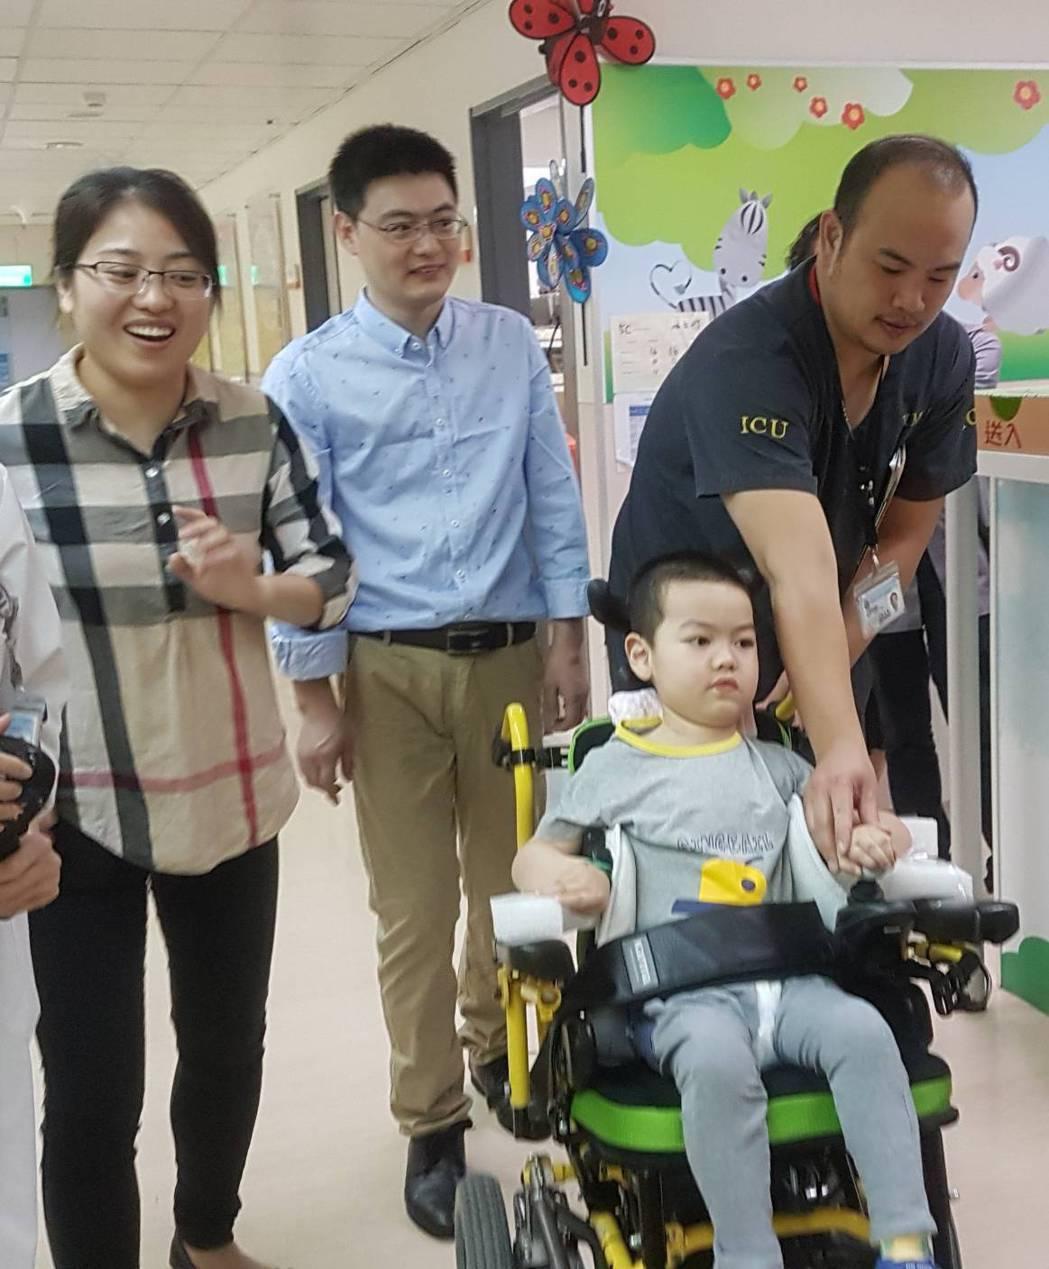 今年4岁的陆童量量(前右1)因罹患脊髓肌萎症,插管长达584天,来台求诊第19天拔管後,至今已能露出可爱小脸,自行操作轮椅和父母在医院内「逛街」。记者蔡容乔/摄影